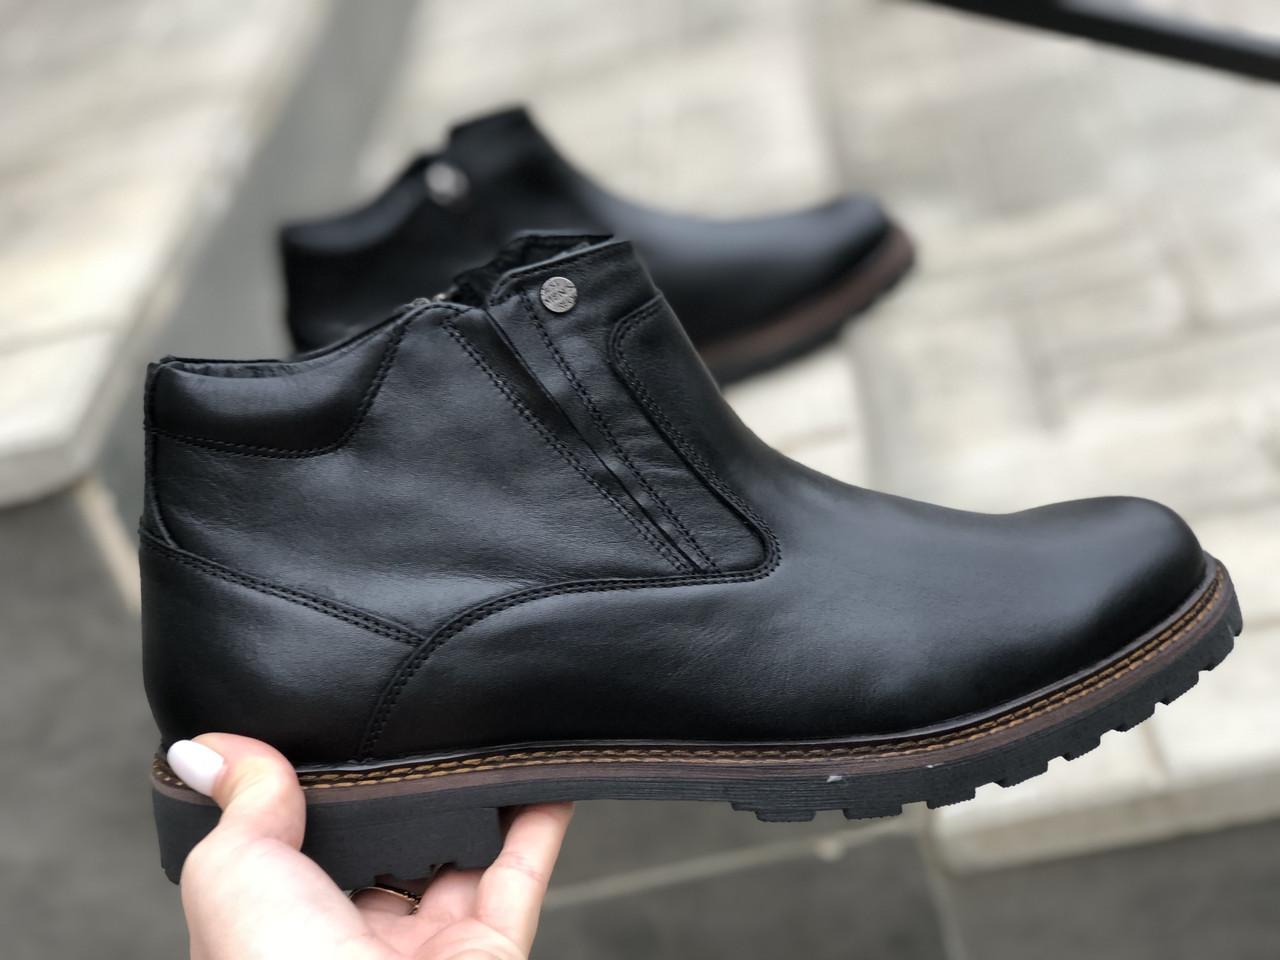 Кожаные мужские ботинки очень удобная модель Mida 14219 ч/п размеры 40,42,43,44,45